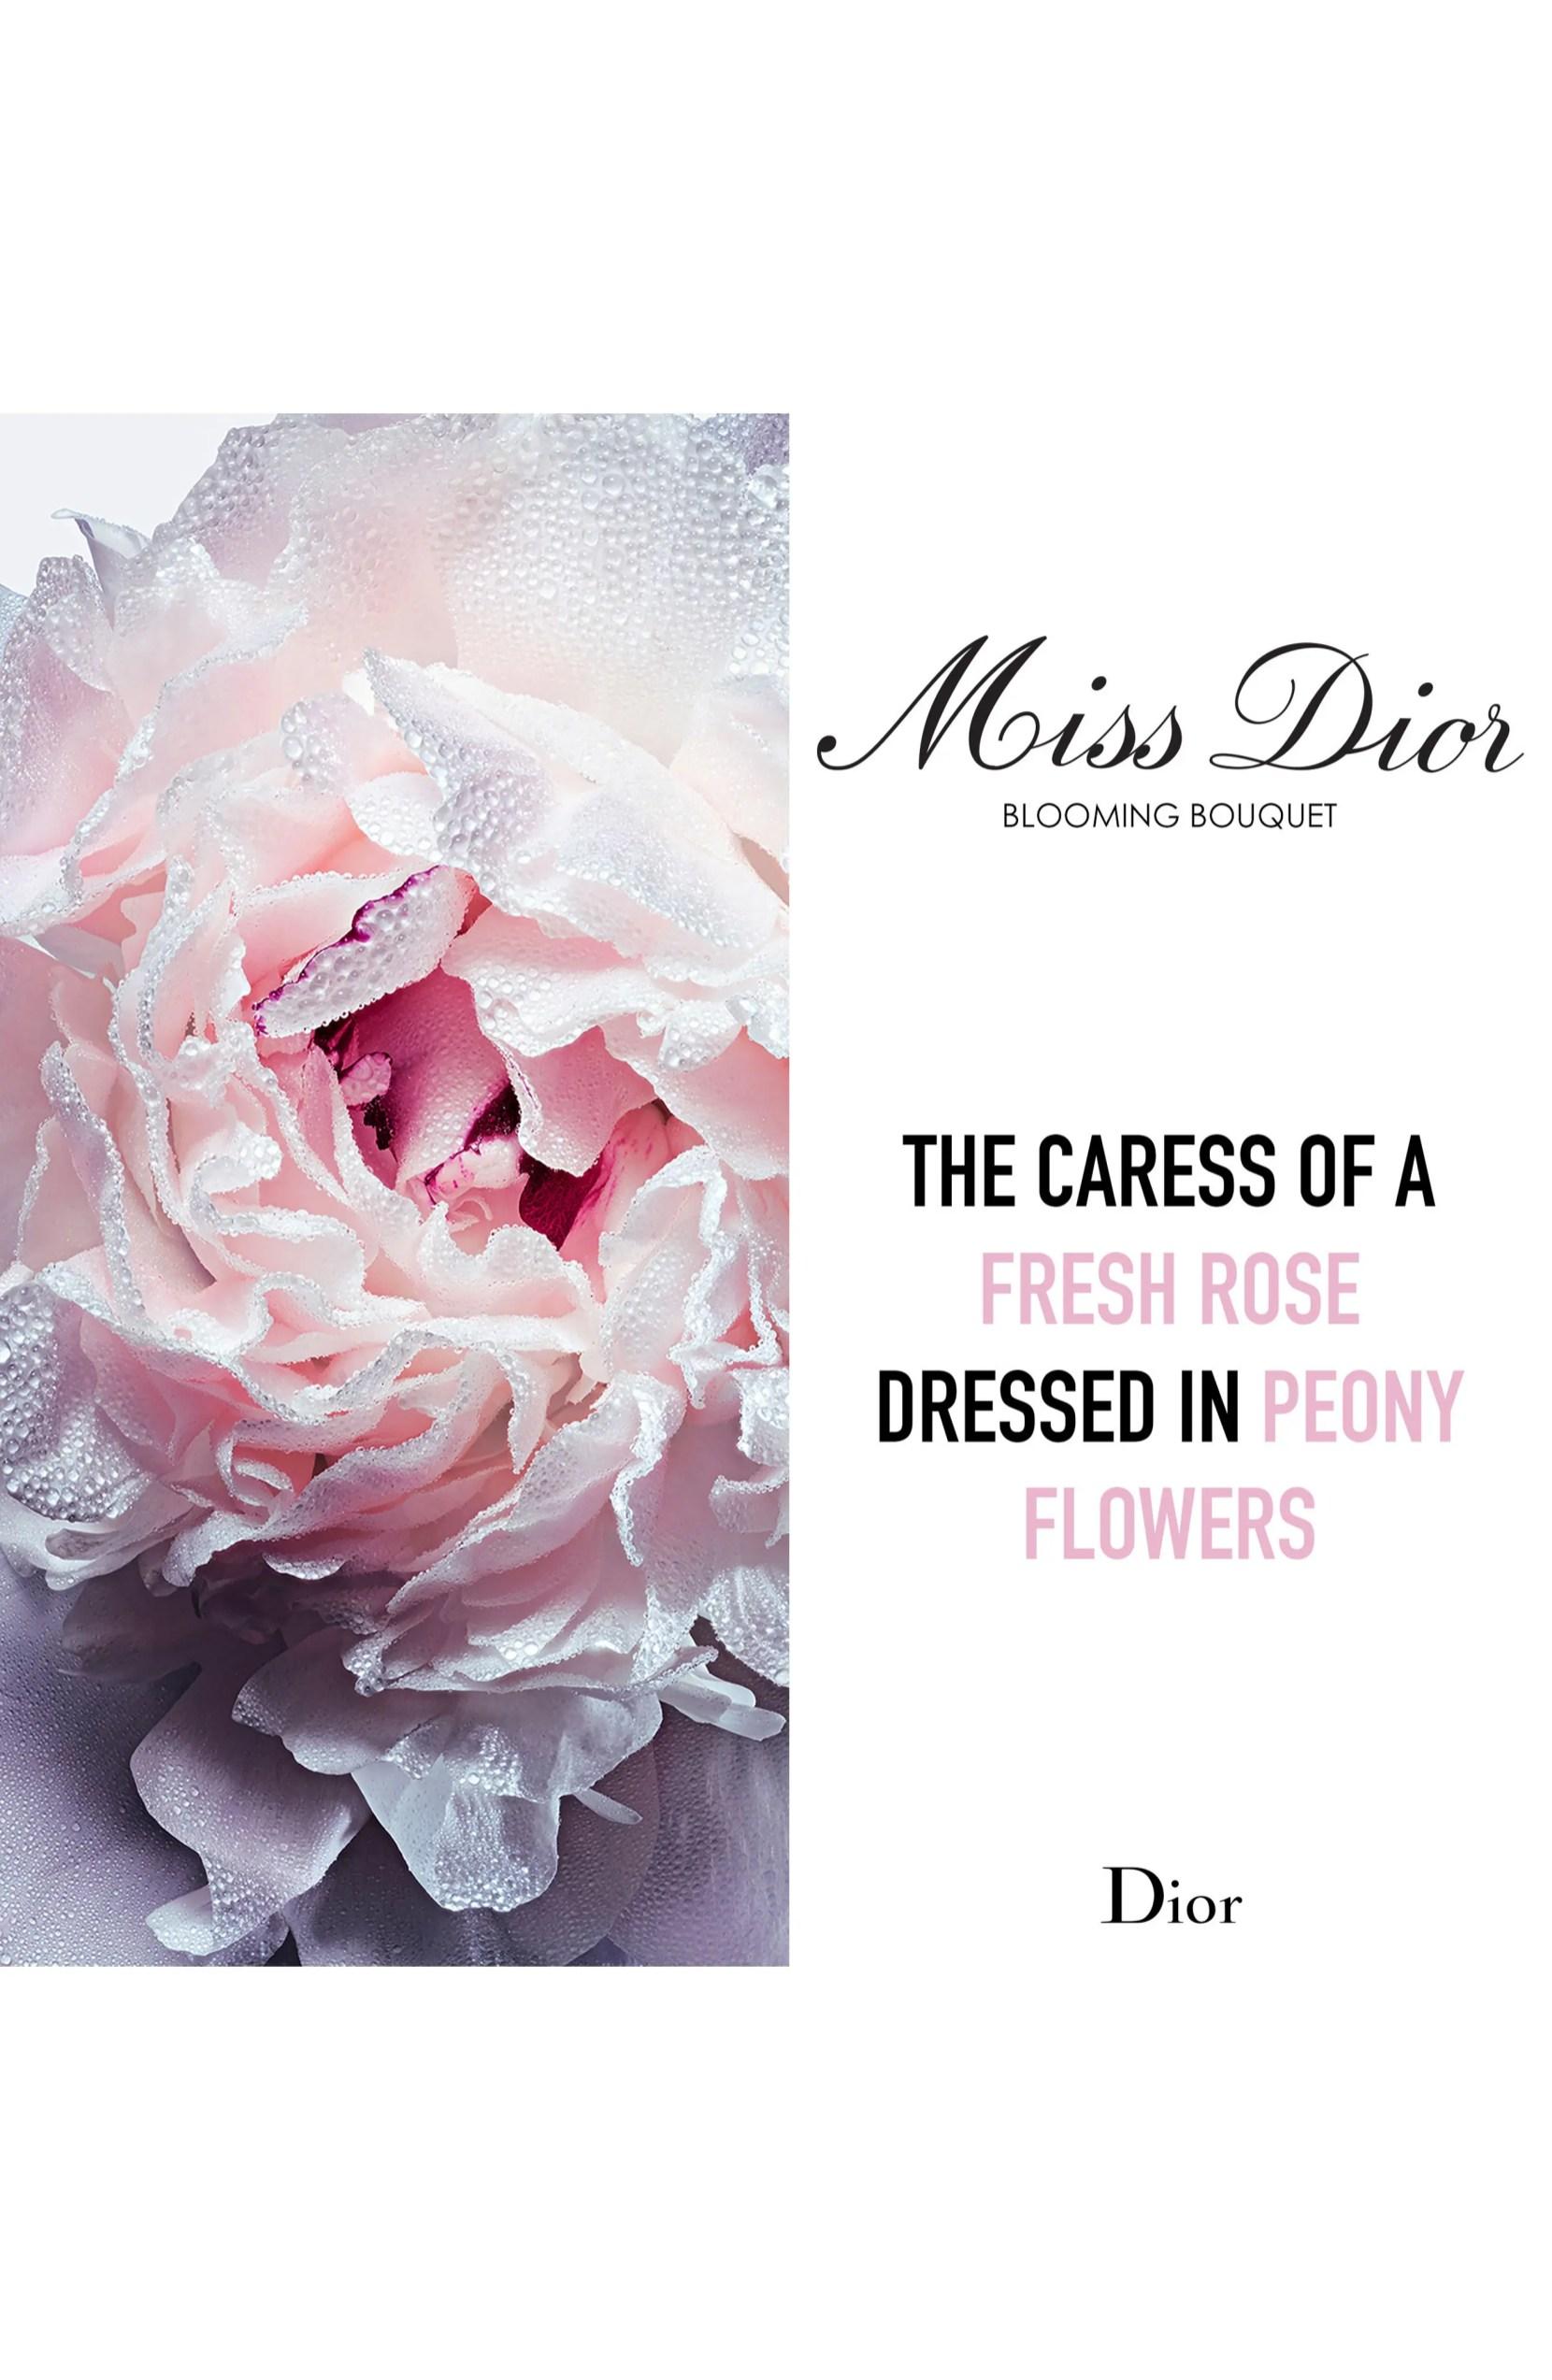 69e8d719913f Dior Miss Dior Blooming Bouquet Eau De Toilette Nordstrom